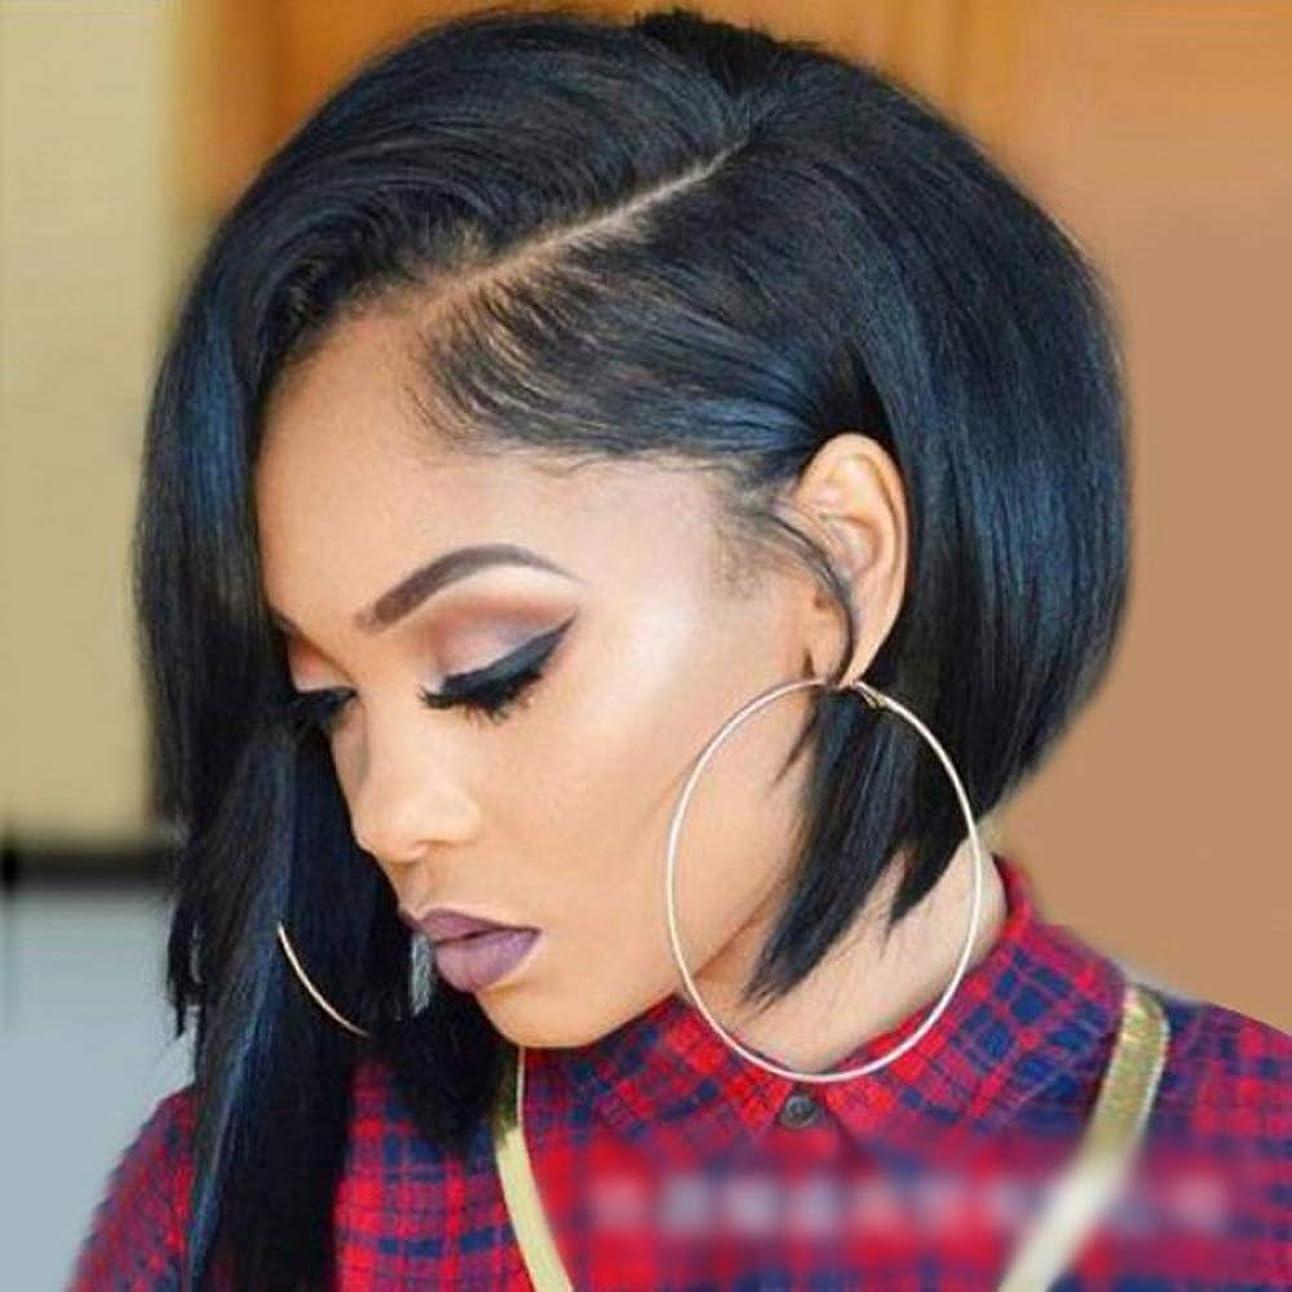 BOBIDYEE 女性のシルキーストレートショートヘアサイドパーツかつら自然に見えるレースフロントかつら100%本物の人間の毛髪の半分レースかつらパーティーかつら (色 : 黒)